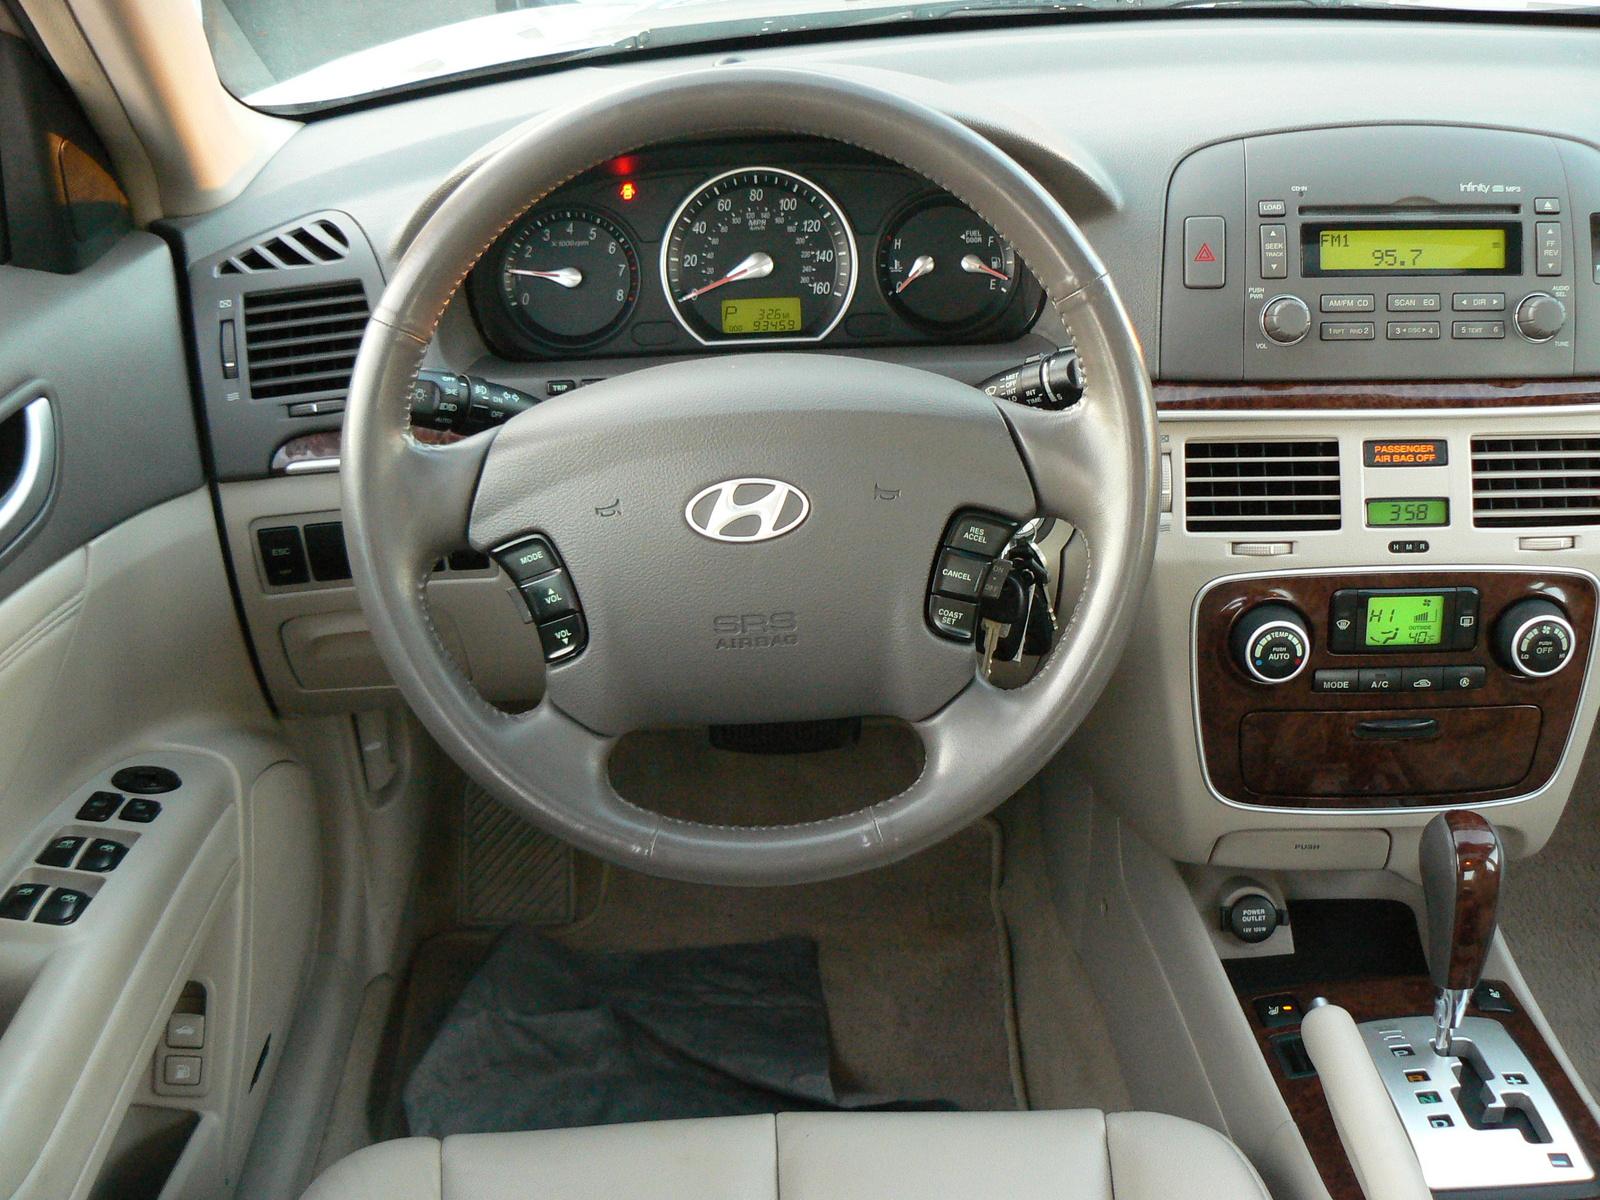 2007 Hyundai Sonata Pictures Cargurus